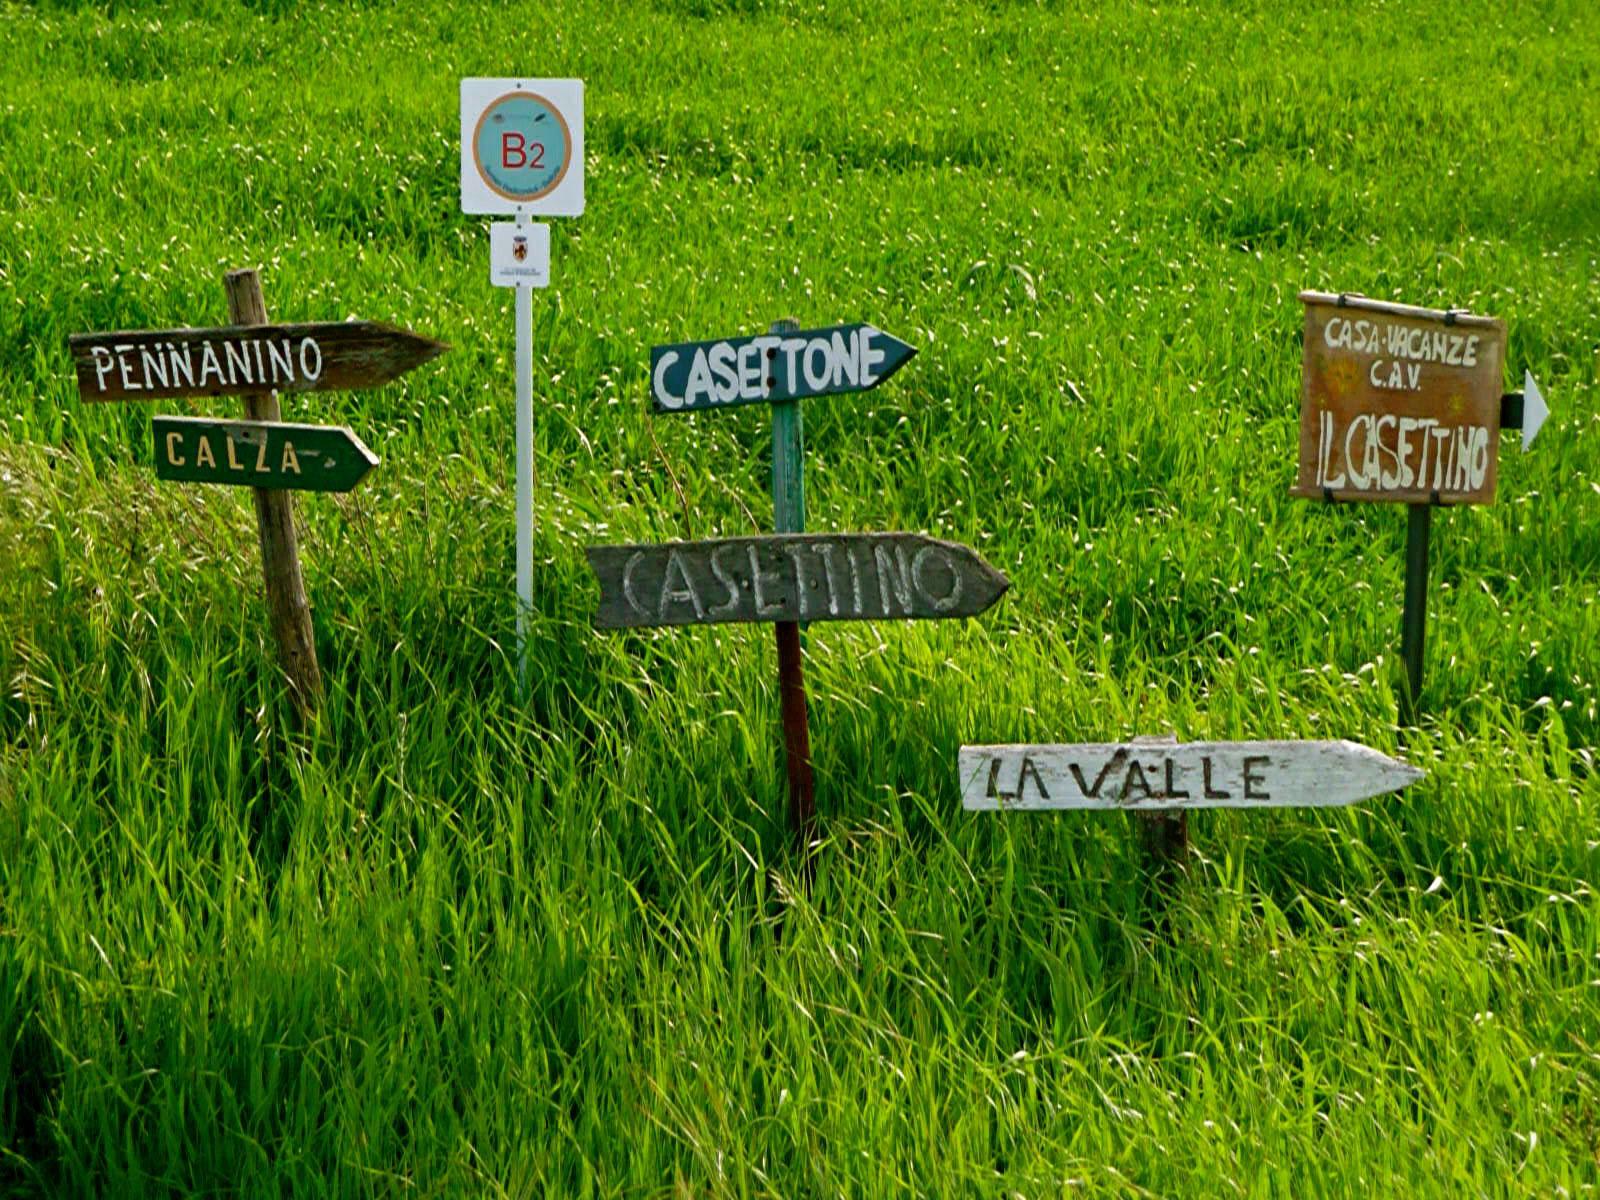 ron-miriello-grafico-Radicondoli-casa-illuminata-siena--Miriello-tuscany-italy-officina-la-pergola-08.jpg